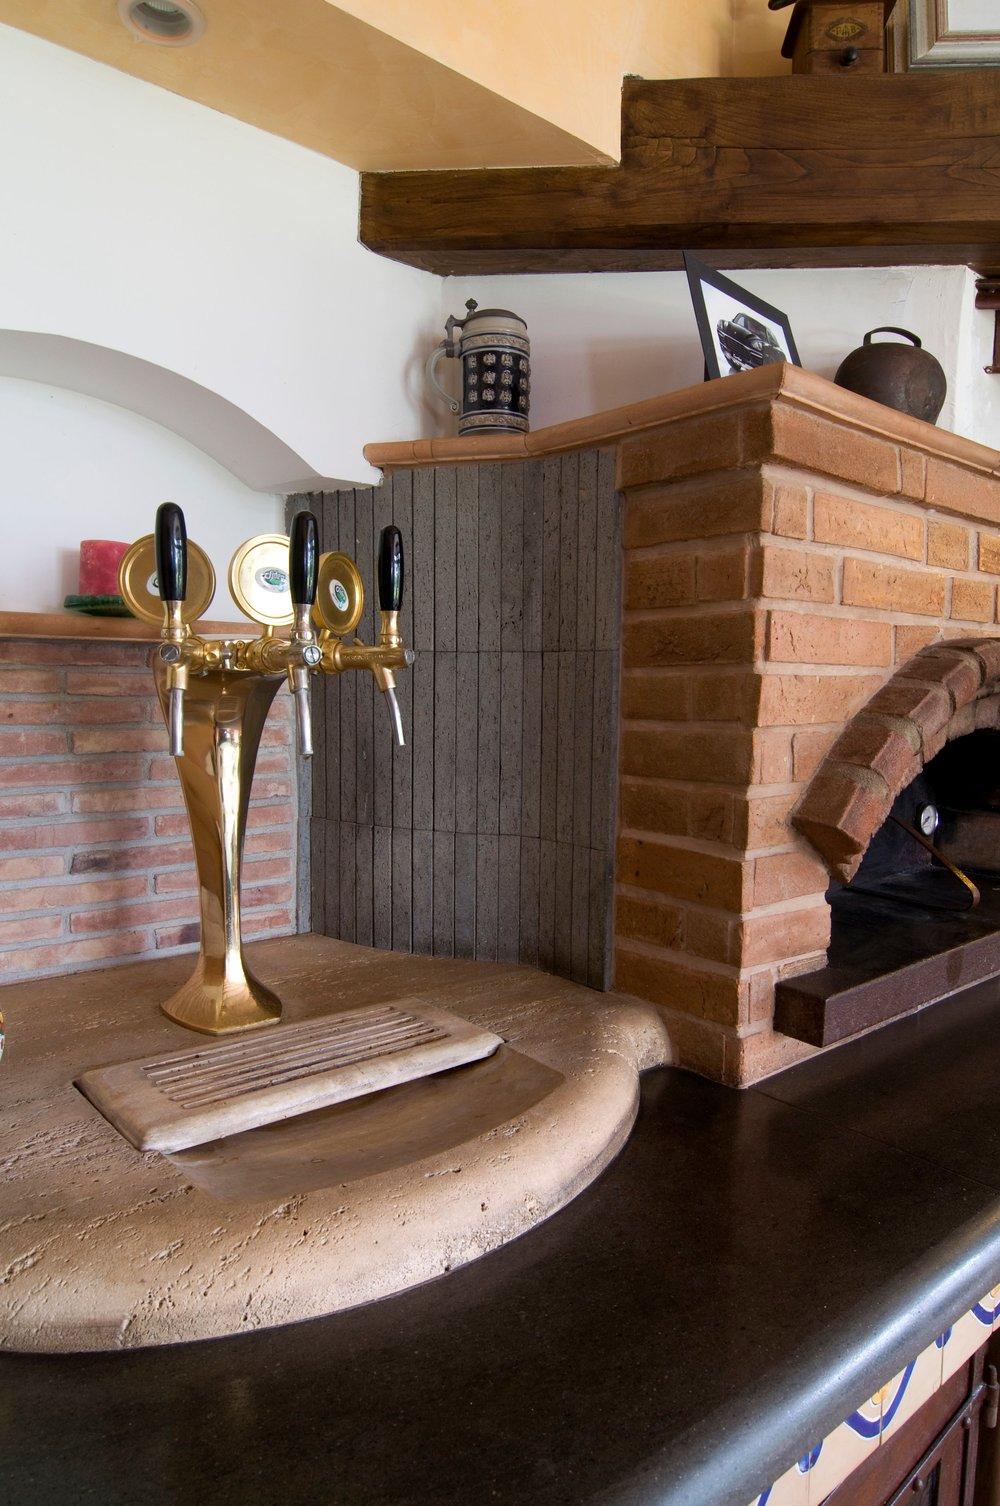 Top cucina con personalizzazione in Travertino classico